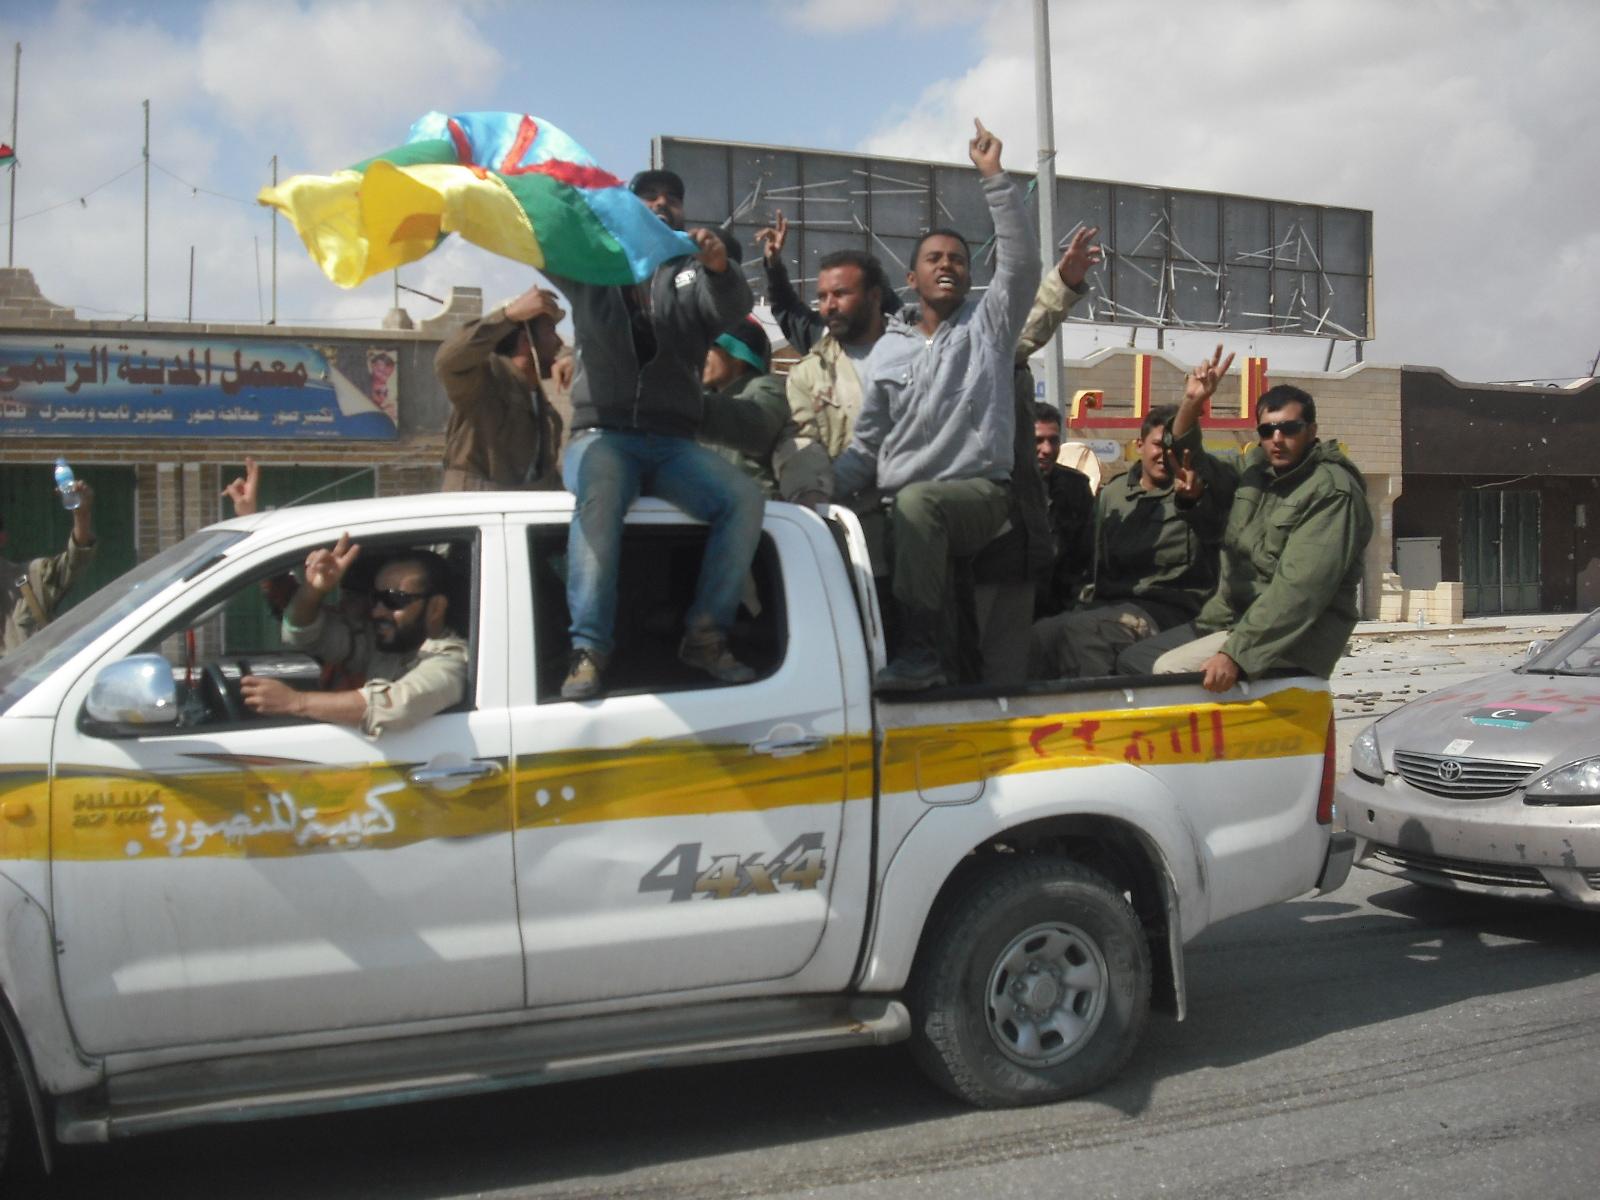 La_mort_de_Kadhafi_marque_le_début_dune_nouvelle_ère_en_Libye_(6279572809)